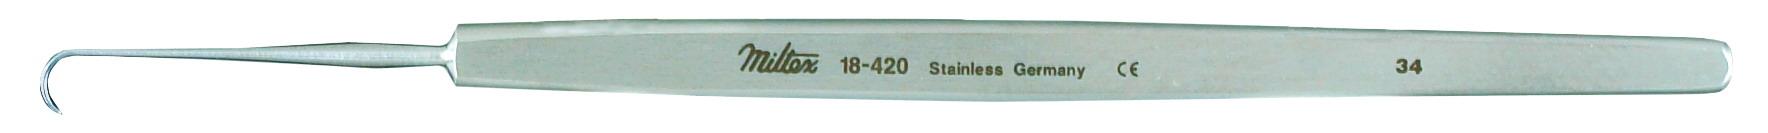 wiener-corneal-hook-blunt-18-420-miltex.jpg